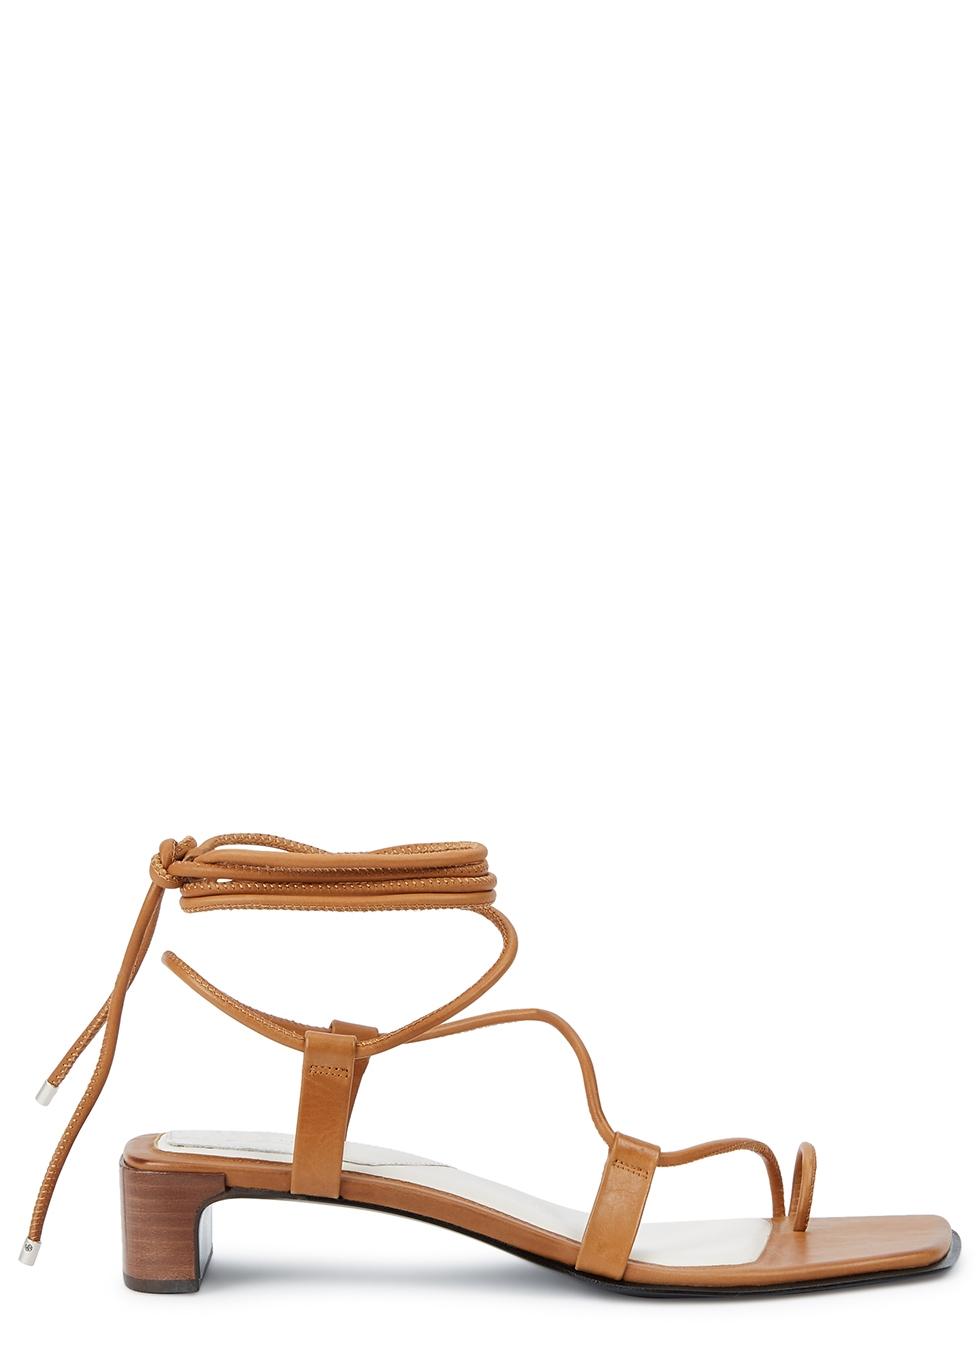 65b54e48e Women s Designer Shoes - Ladies Shoes - Harvey Nichols